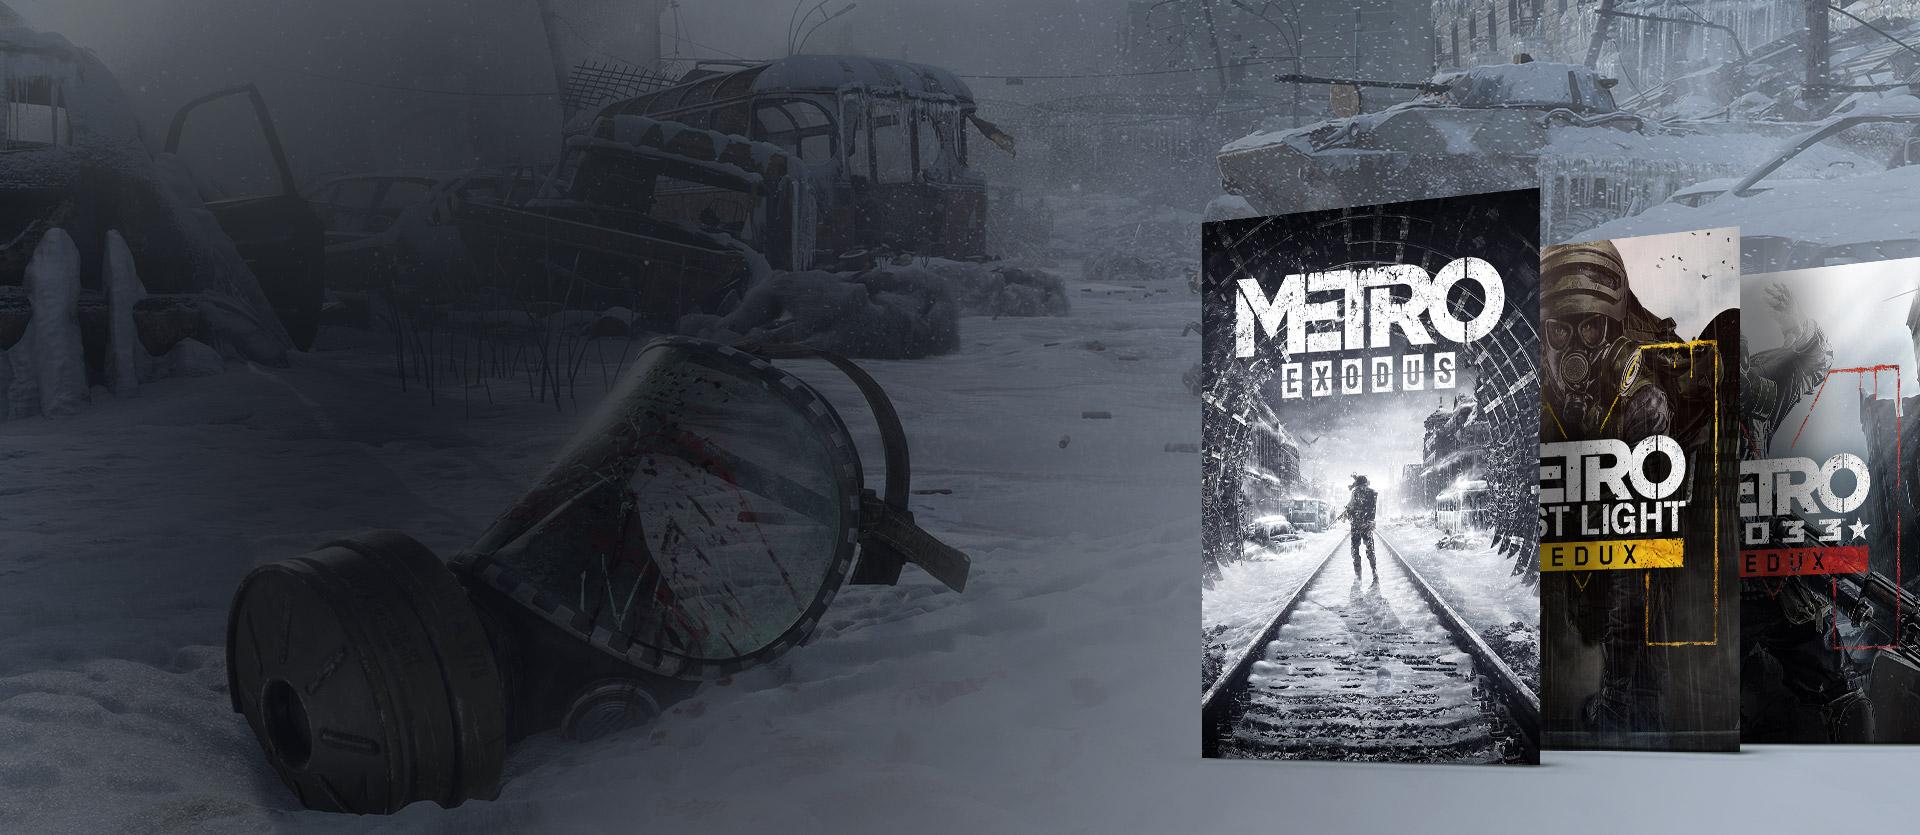 Boîtes de Metro Exodus, Metro2033 Redux et Metro: Last Light Redux devant une ville enneigée en ruines et un masque à gaz cassé.